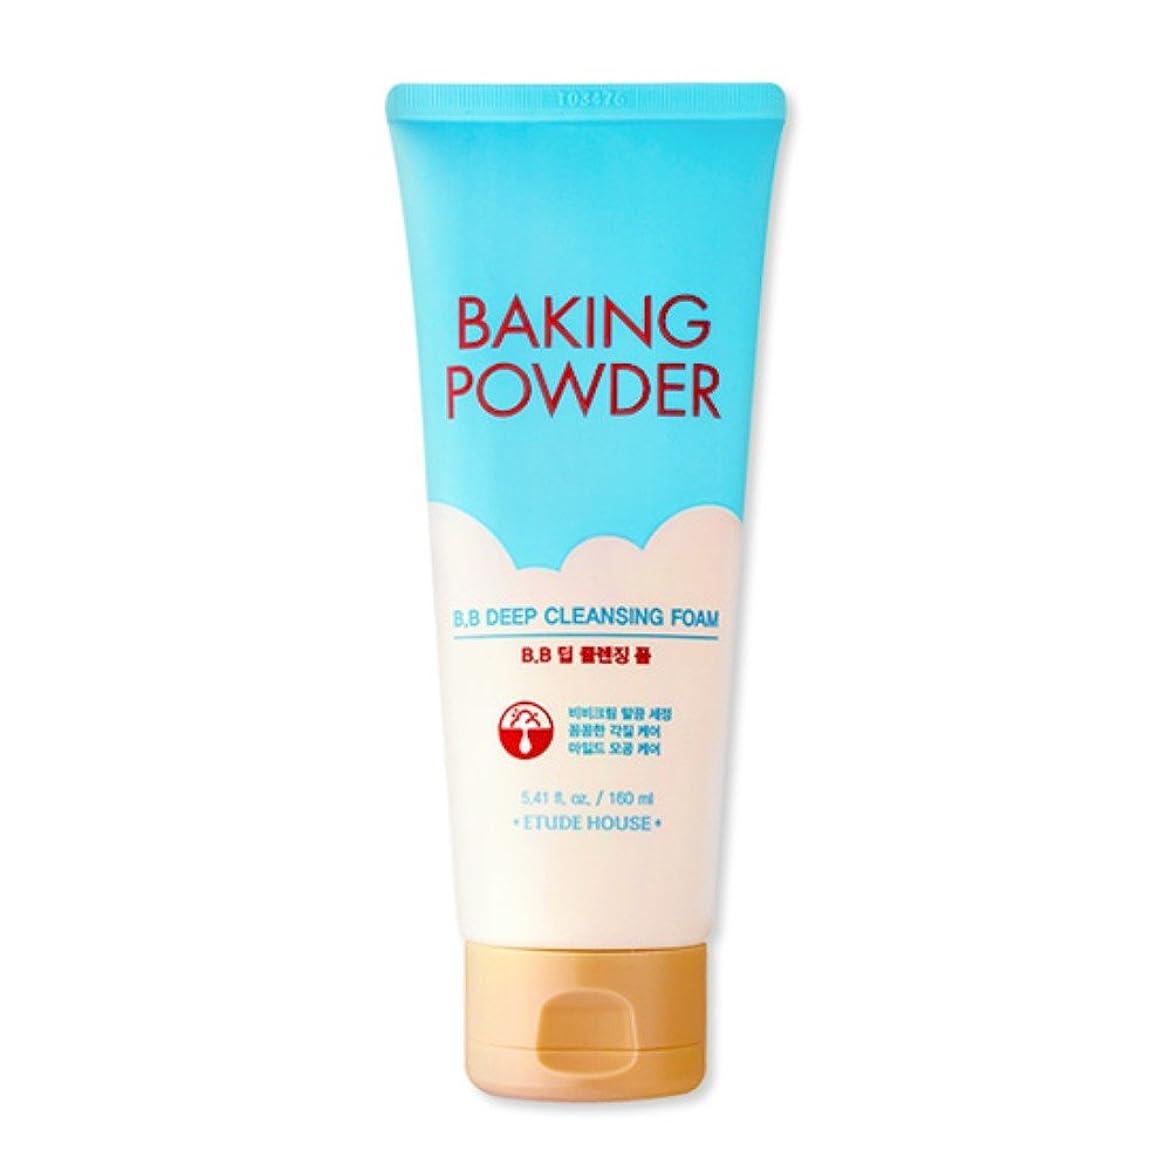 スナッチワイン電圧[2016 Upgrade!] ETUDE HOUSE Baking Powder B.B Deep Cleansing Foam 160ml/エチュードハウス ベーキング パウダー B.B ディープ クレンジング フォーム 160ml